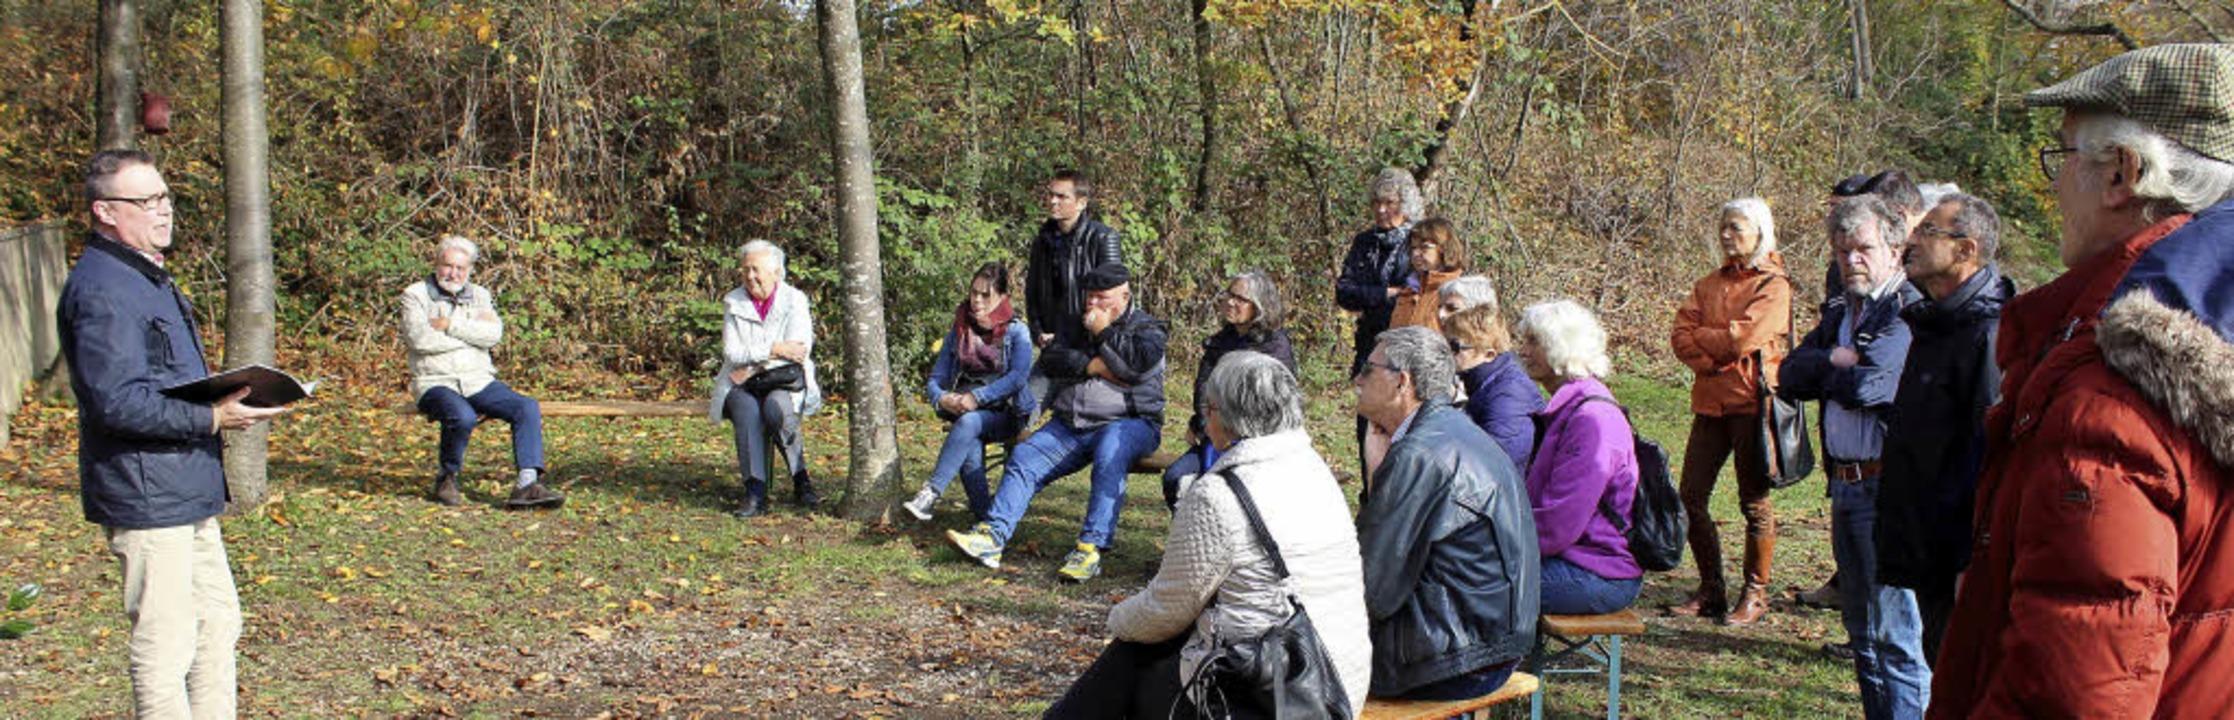 Vor rund 20 interessierten Besuchern r... Nazis über jüdische Bestattungsriten.  | Foto: REINHARD CREMER